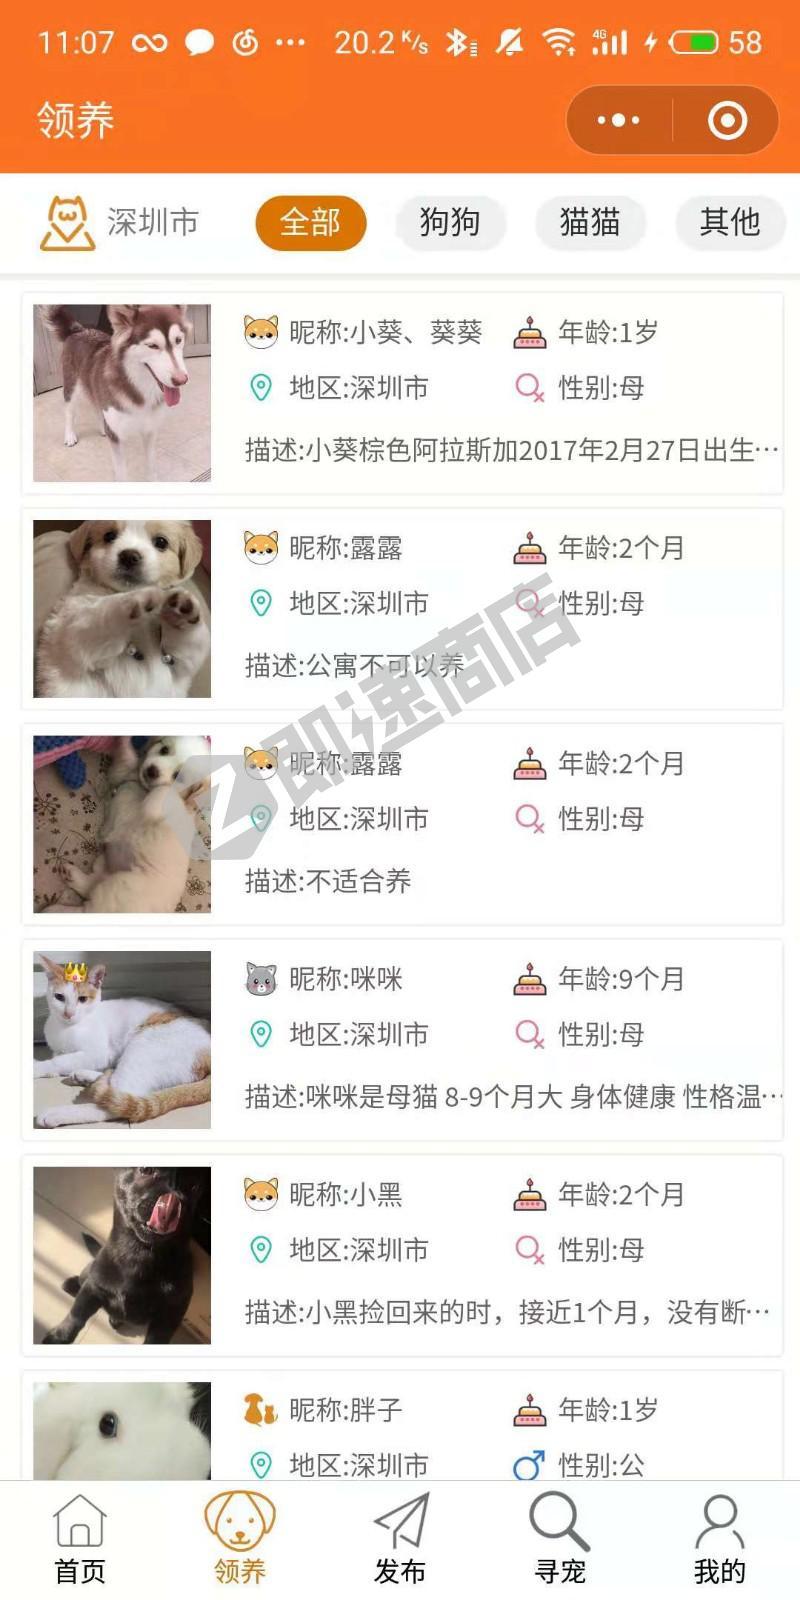 宠物帮领养中心小程序列表页截图